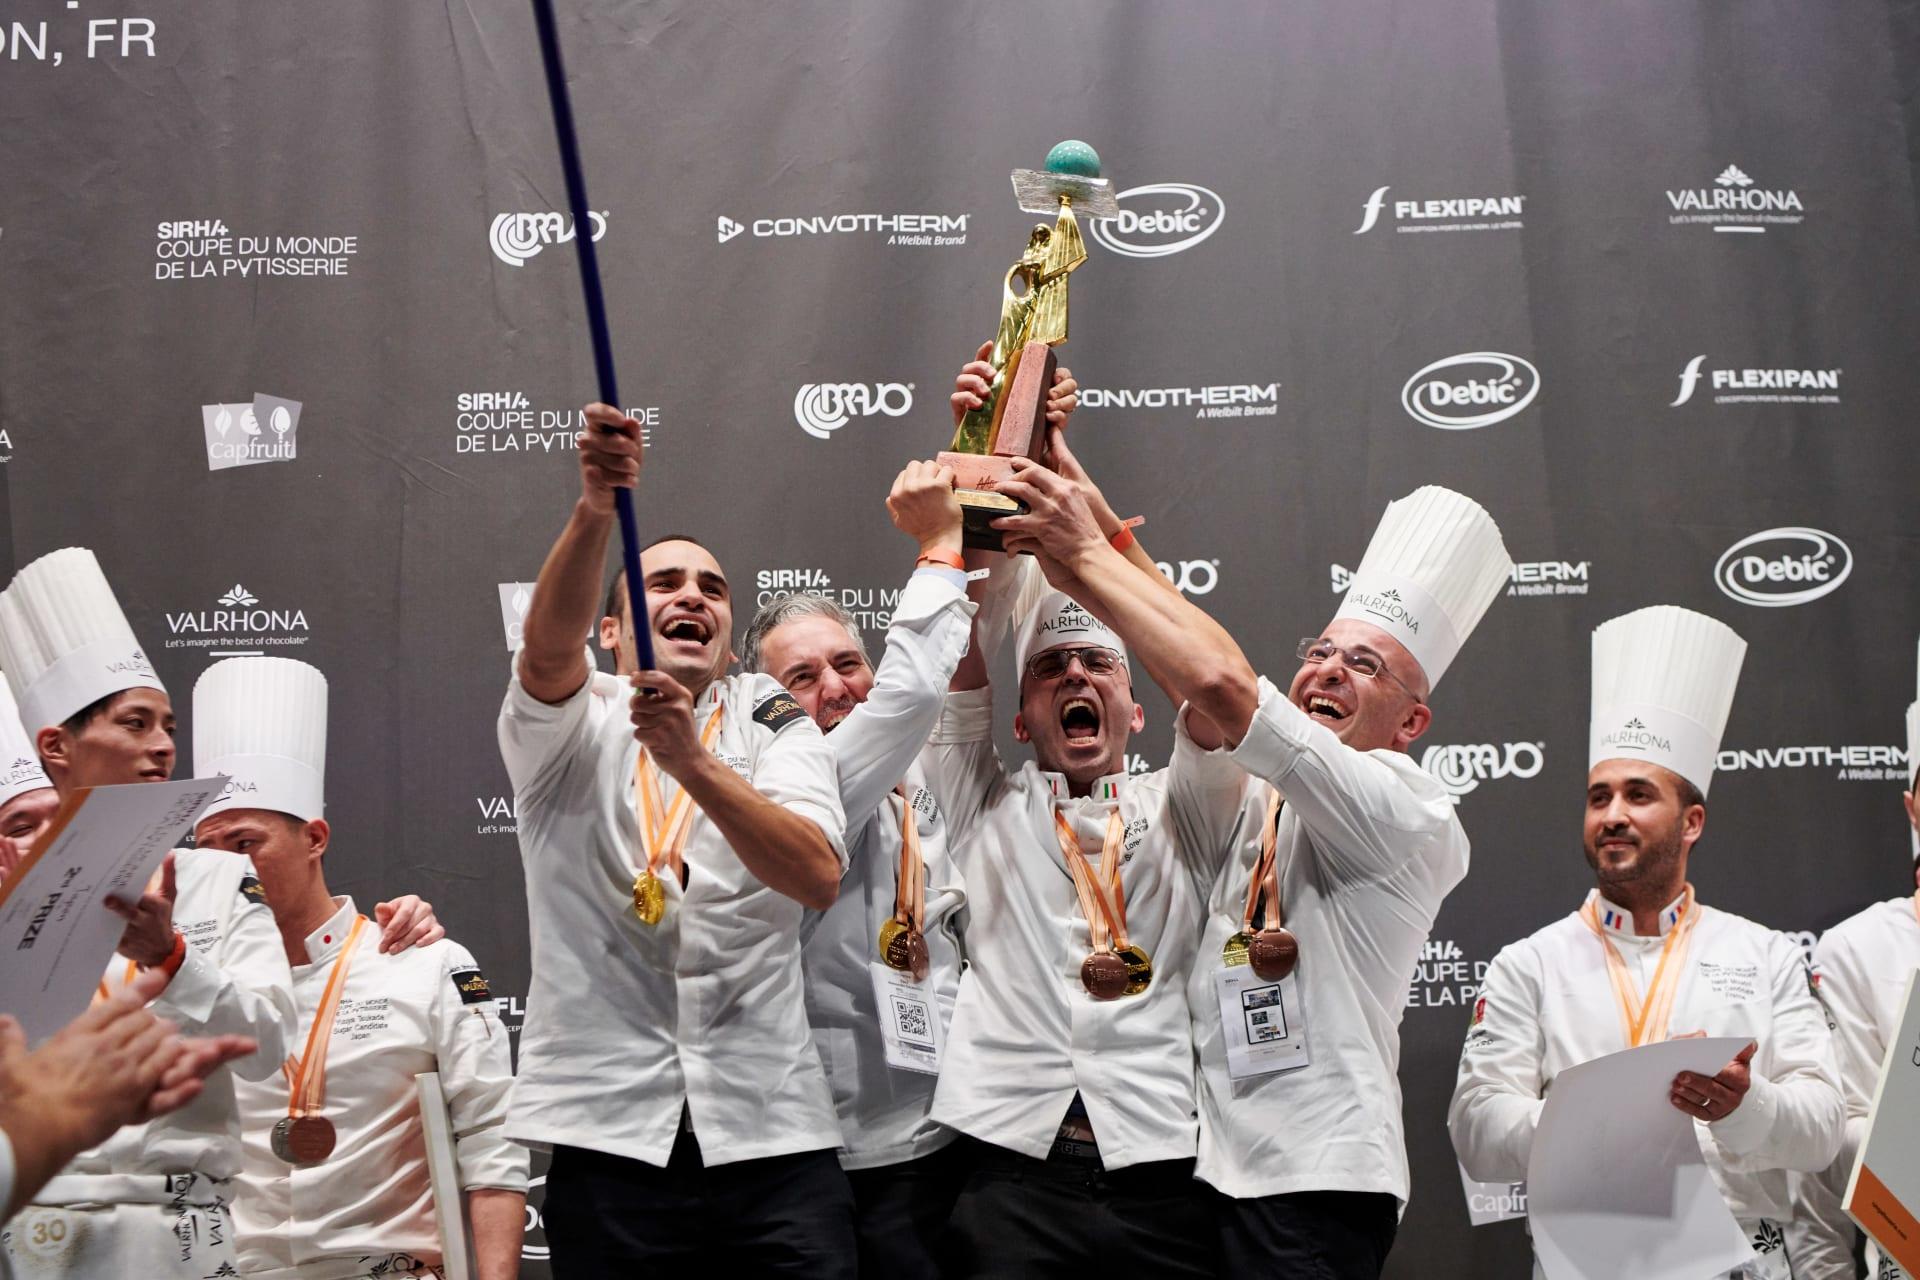 Coupe du Monde de la Pâtisserie, victoire de l'italie